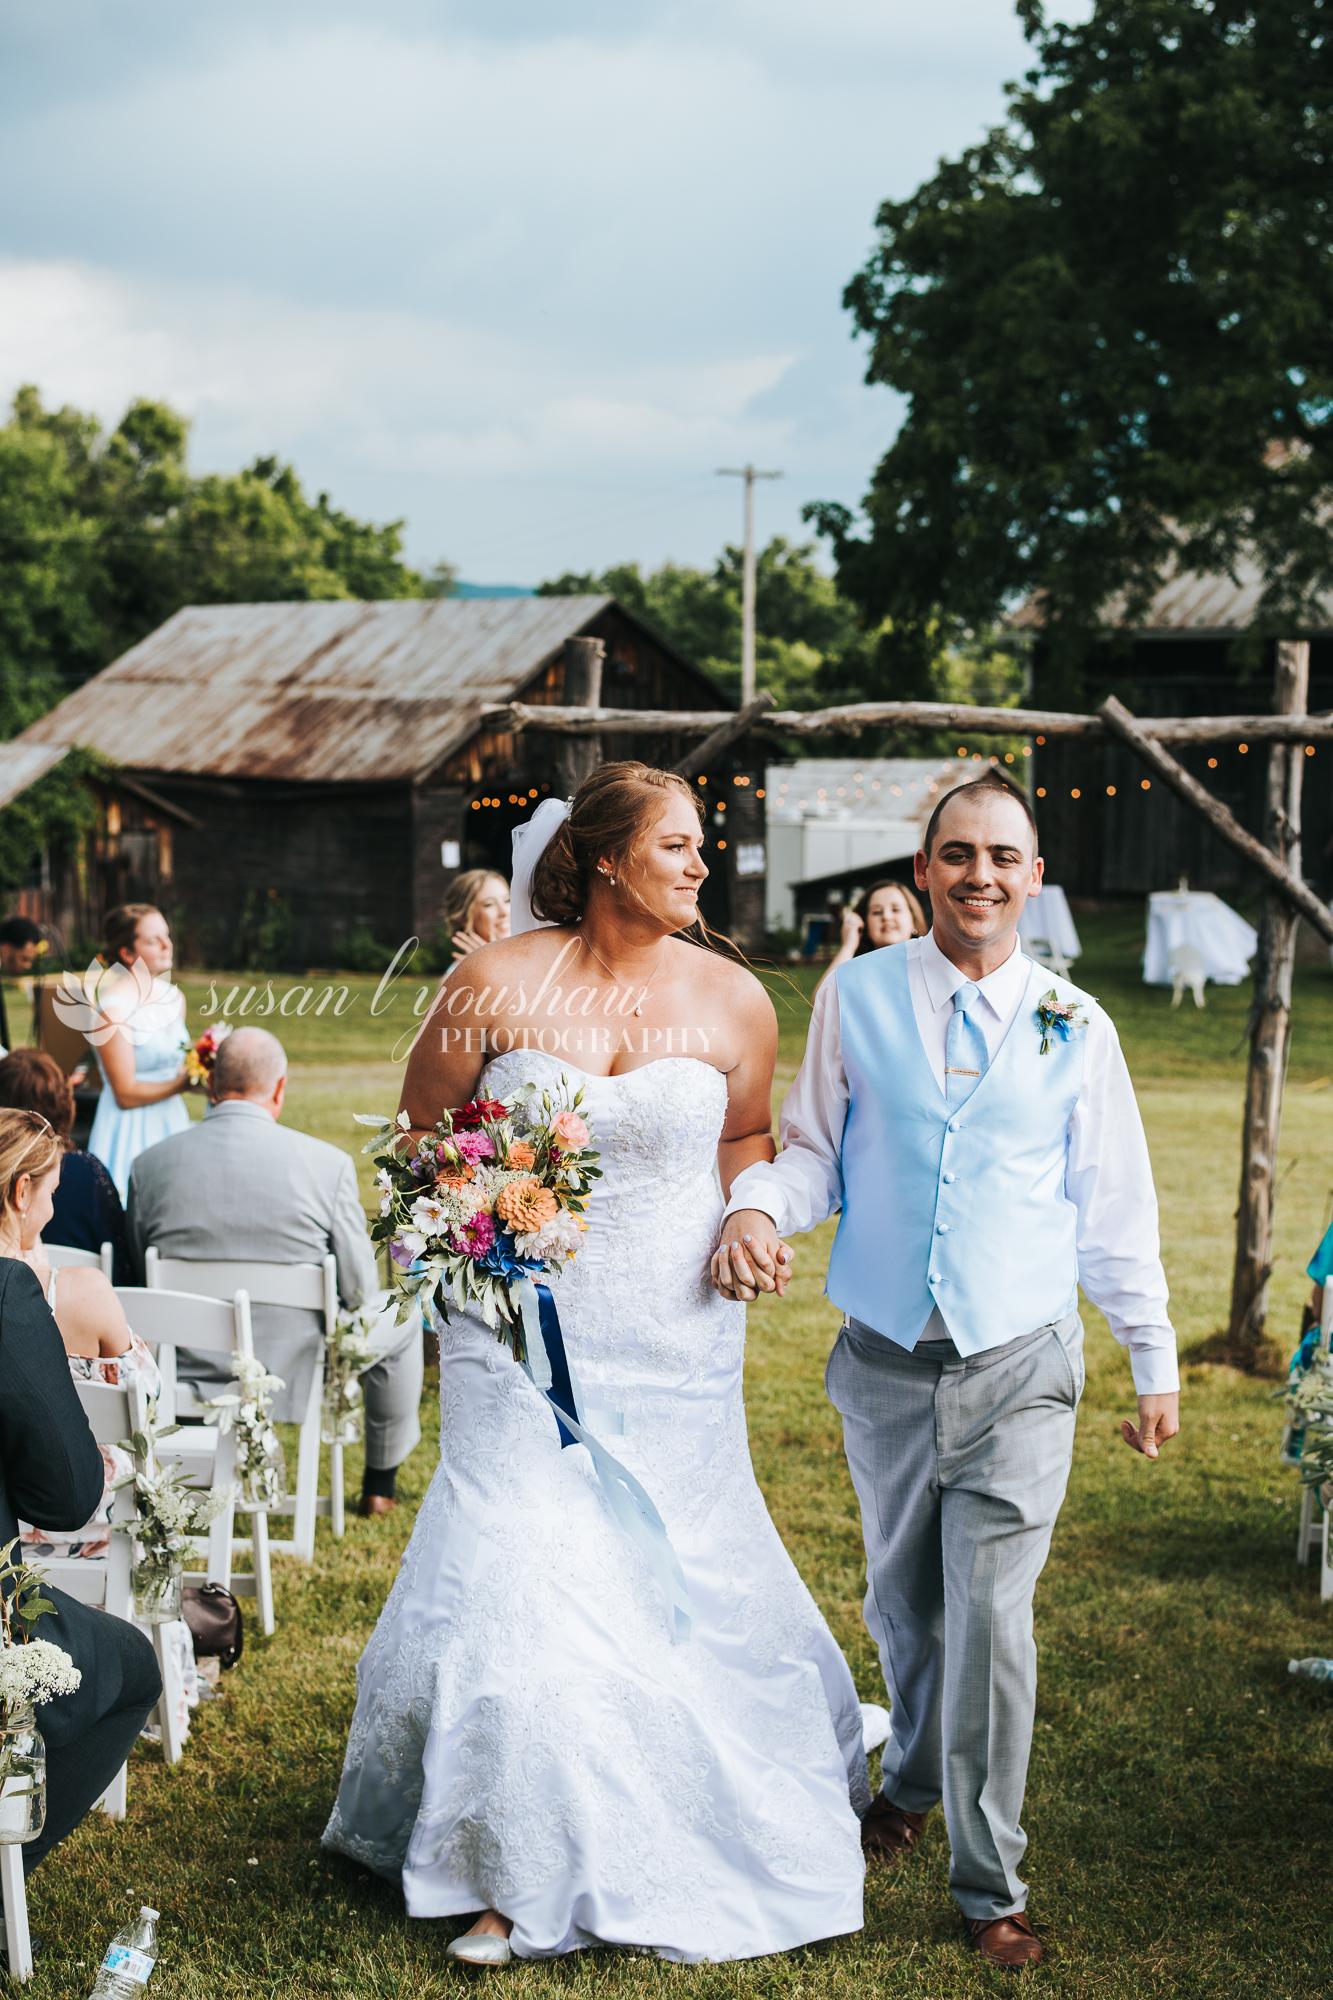 Erin and Jason Wedding Photos 07-06-2019 SLY Photography-77.jpg